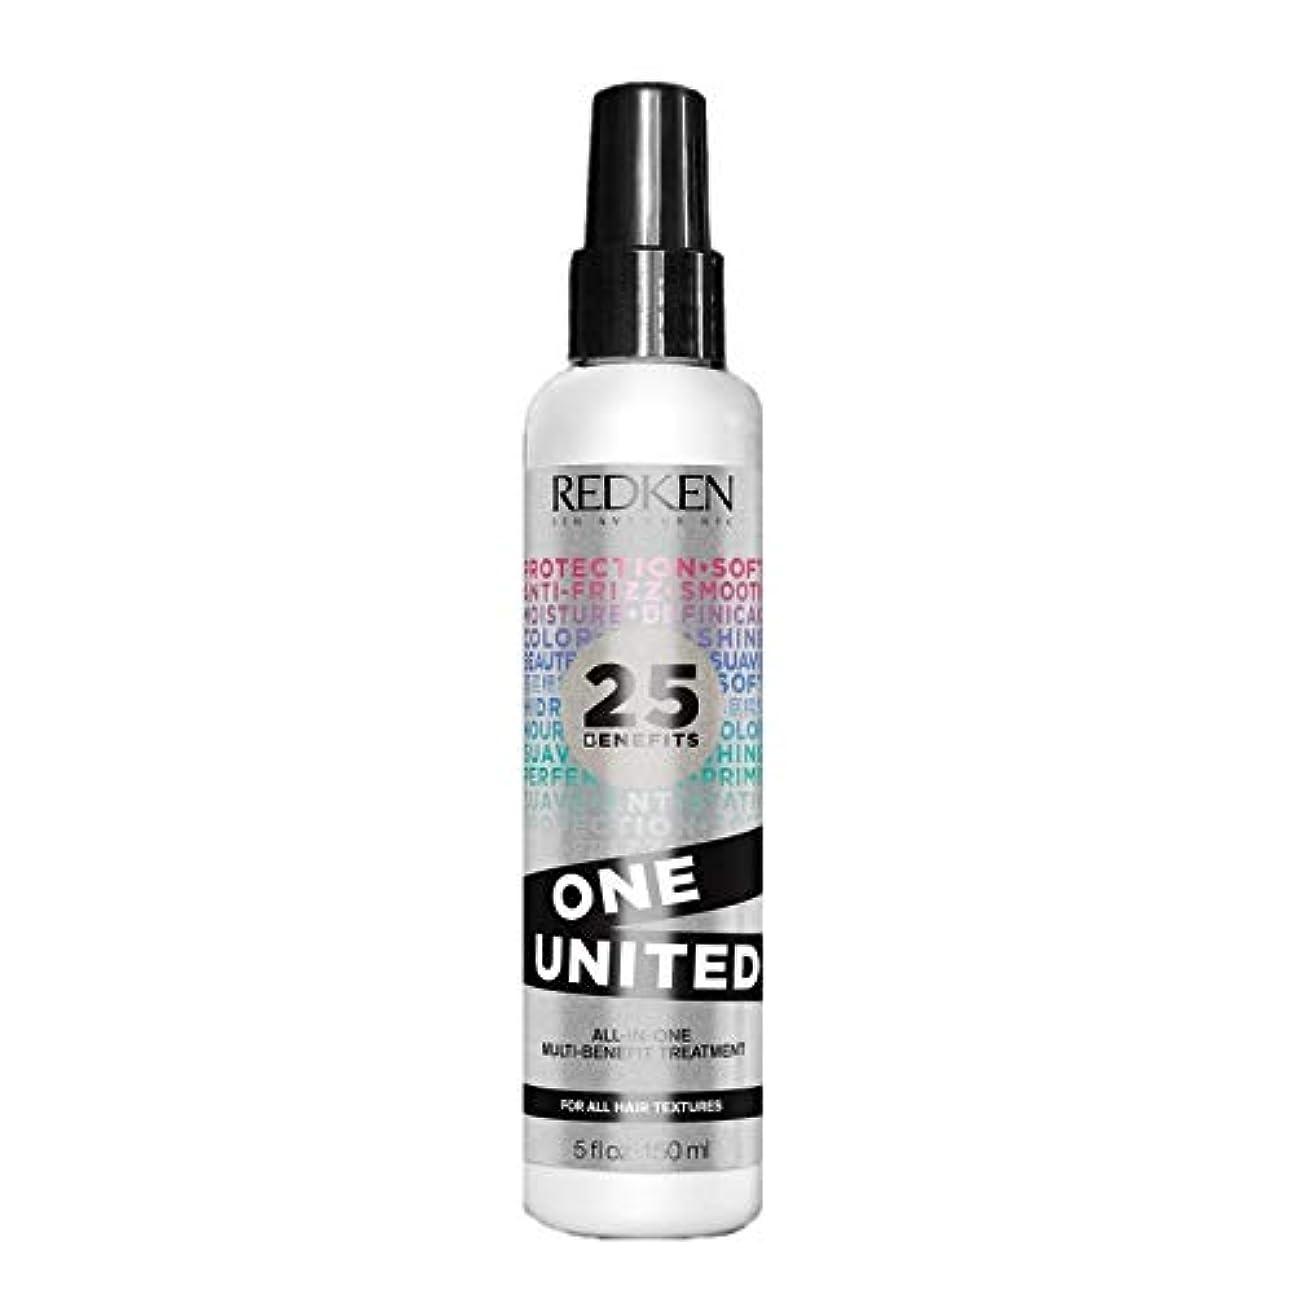 哀れな徹底電気的Redken Unisex One United Multi Benefit Hair Treatment, 5 Ounce by Redken